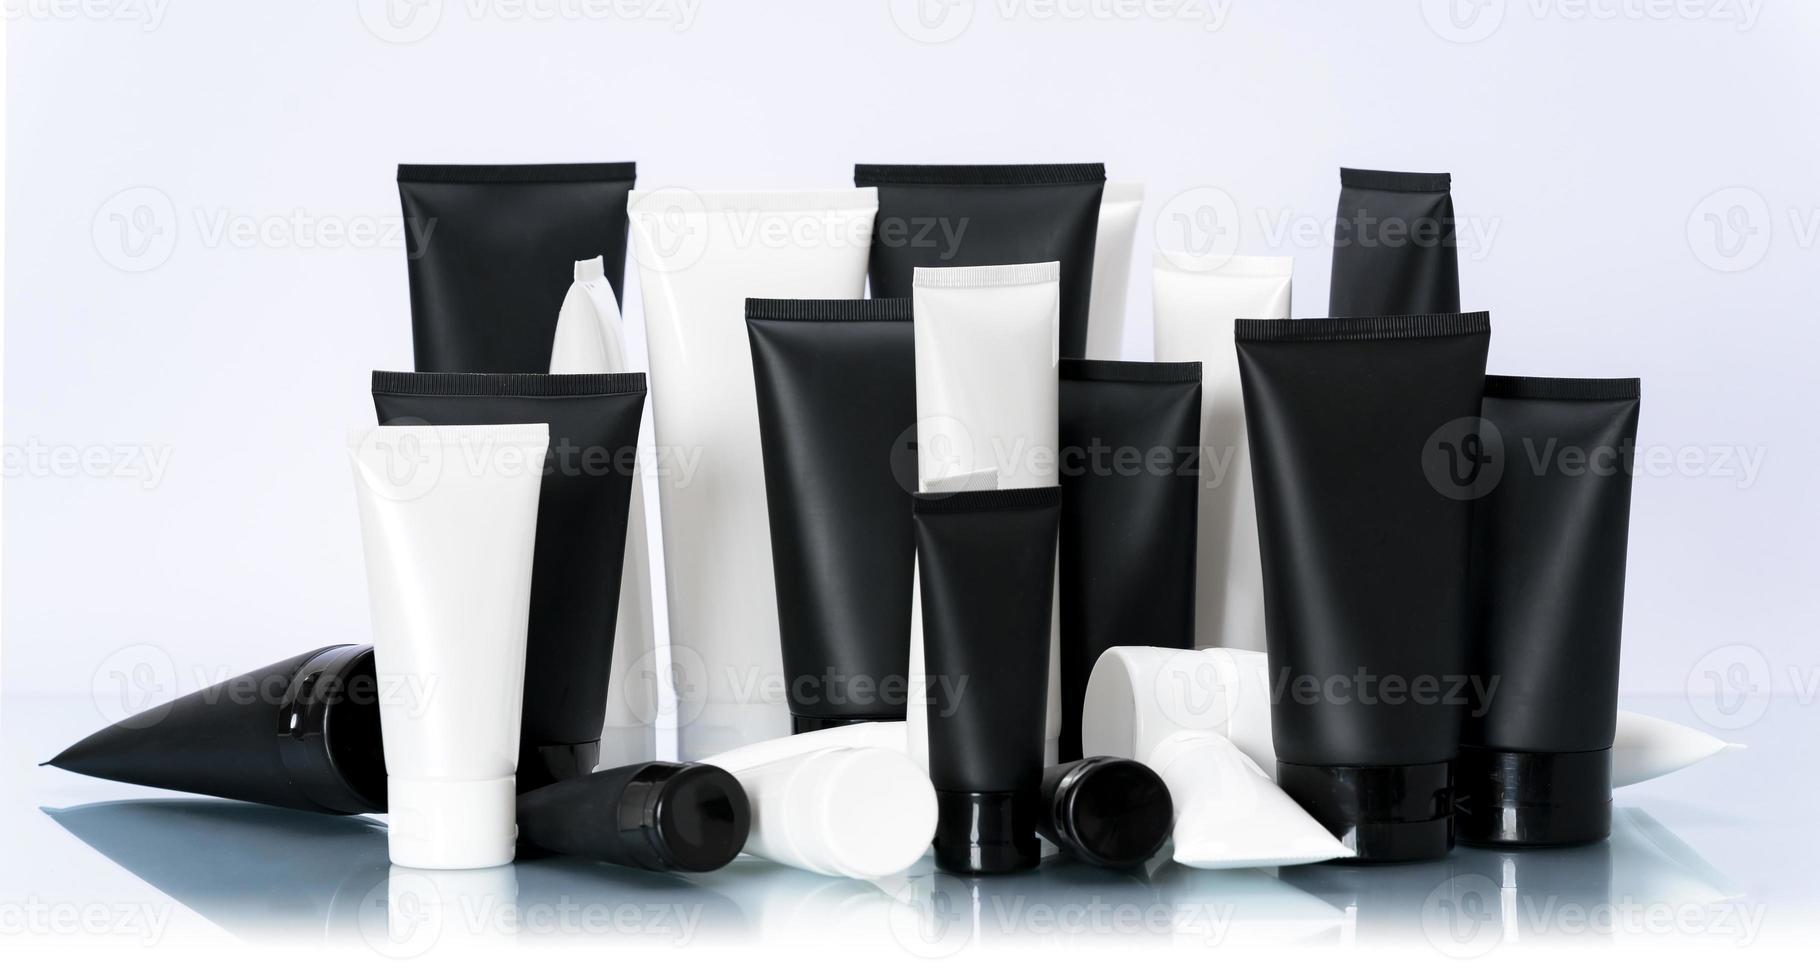 pacote de maquete de tubo cosmético branco e preto em fundo branco foto